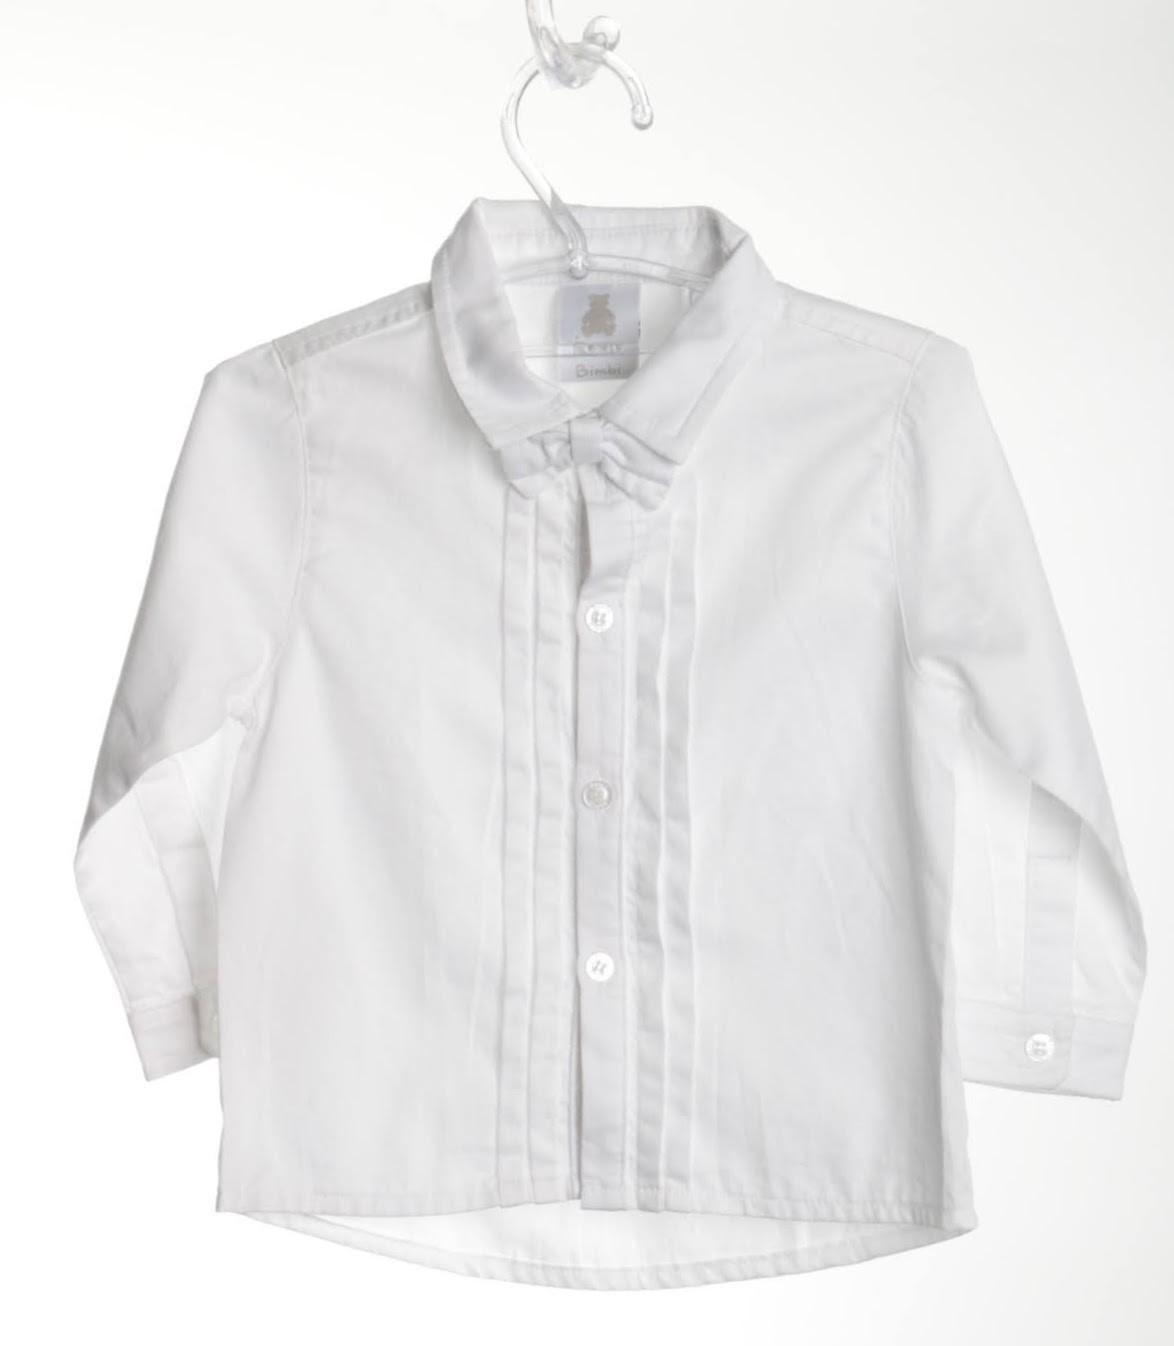 Camisa - Paola Bimbi - G (Infantil)